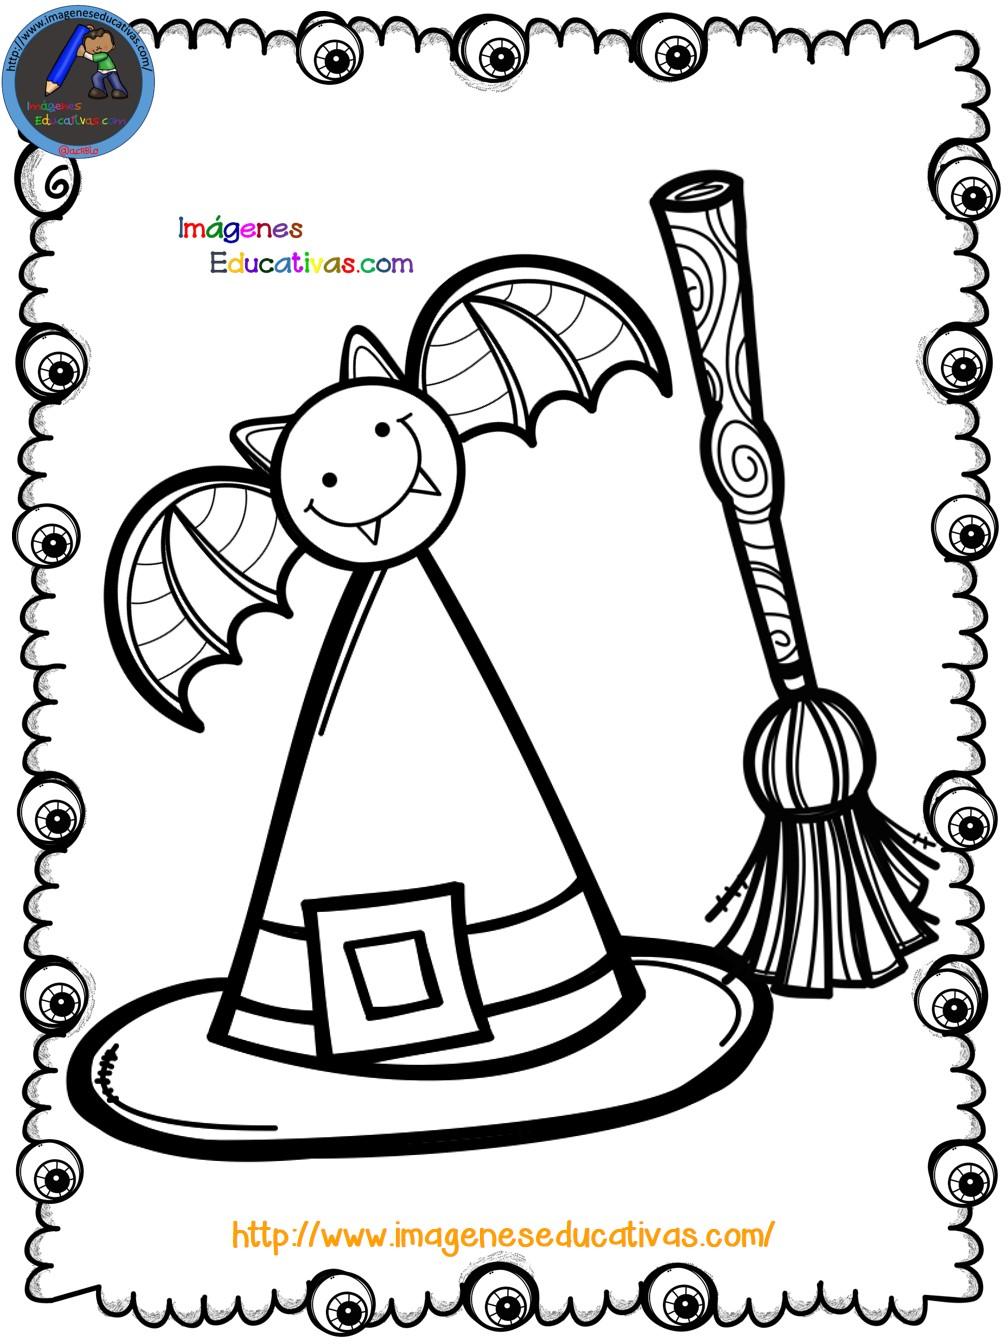 Mi libro para colorear en halloween 6 imagenes educativas - Colores para colorear ...